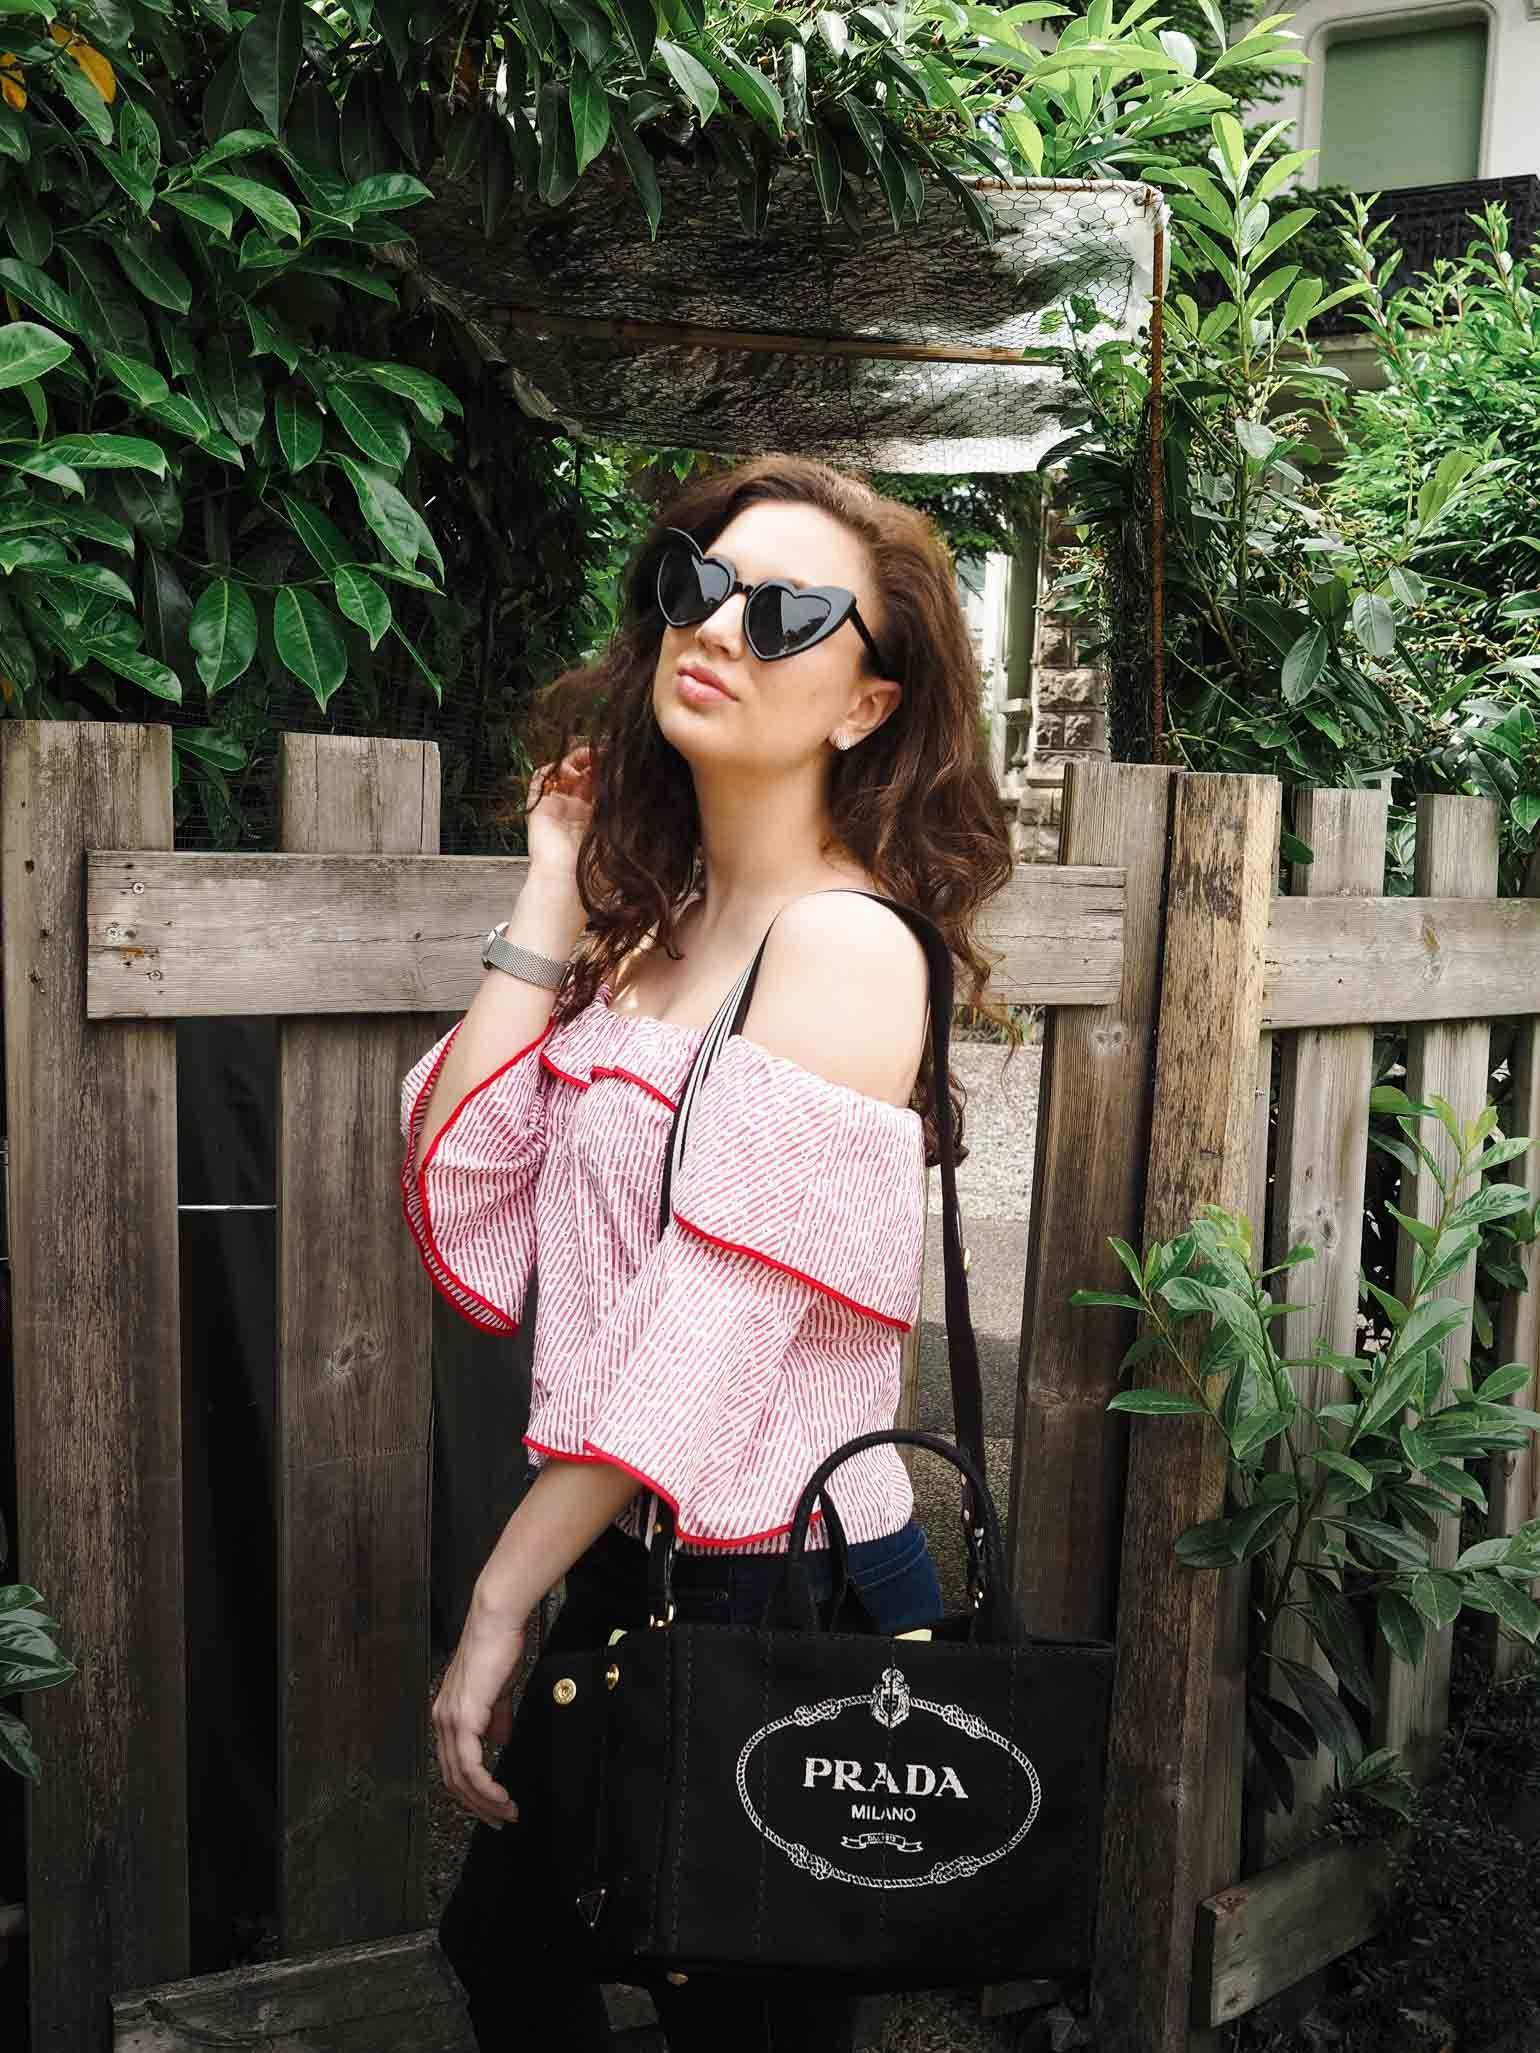 1ff3e396233 Dallas fashion blogger style; Zara off the shoulder top, Prada canvas tote,  NYDJ, skagen watch, heart sunglasses